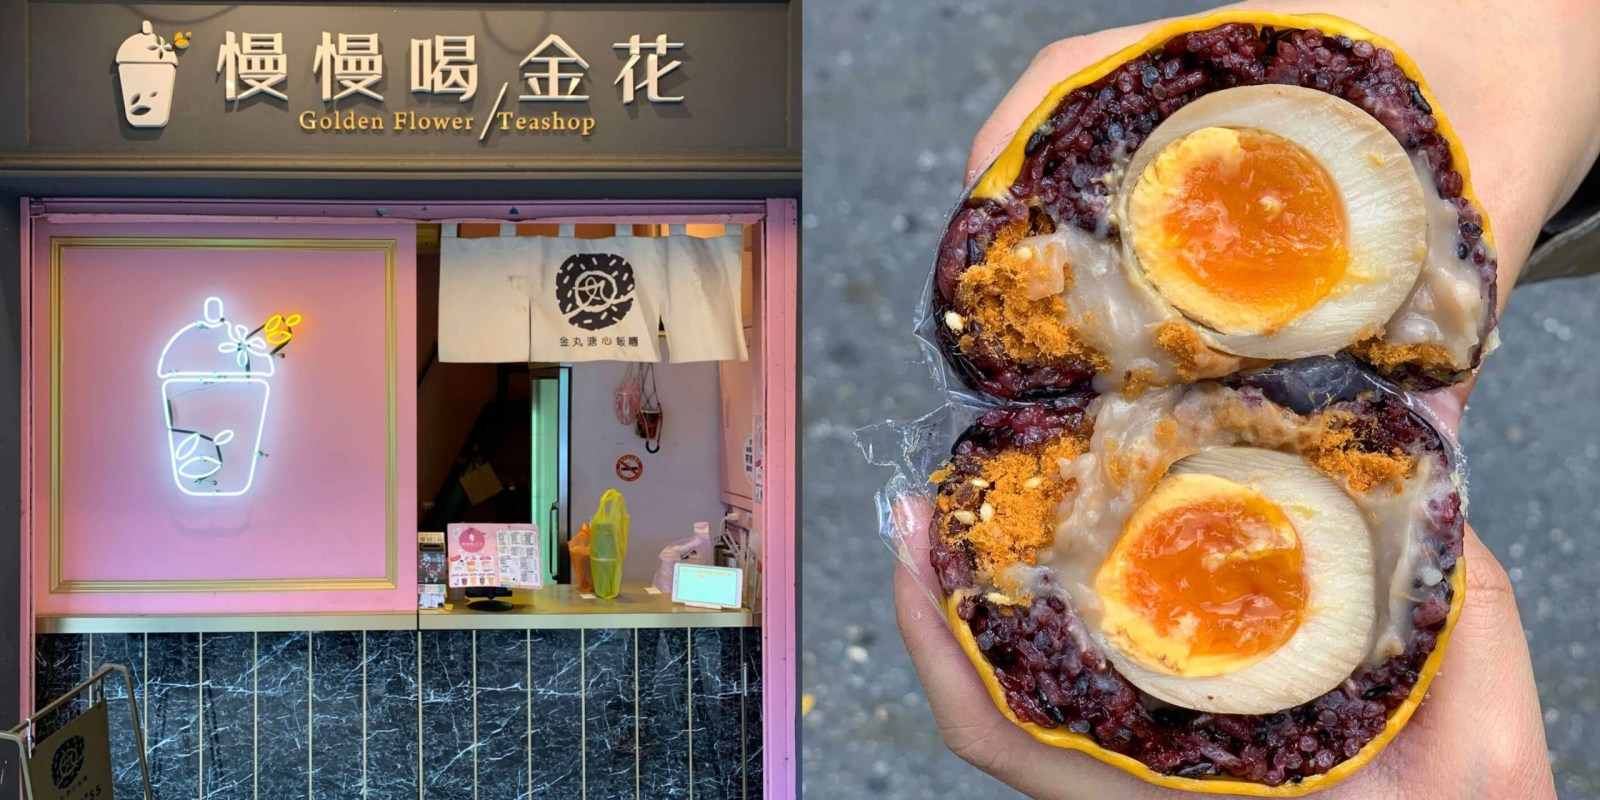 [台北美食] 金丸溏心飯糰 - 超豐富飯糰有起司、芋泥、肉鬆還有溏心蛋!